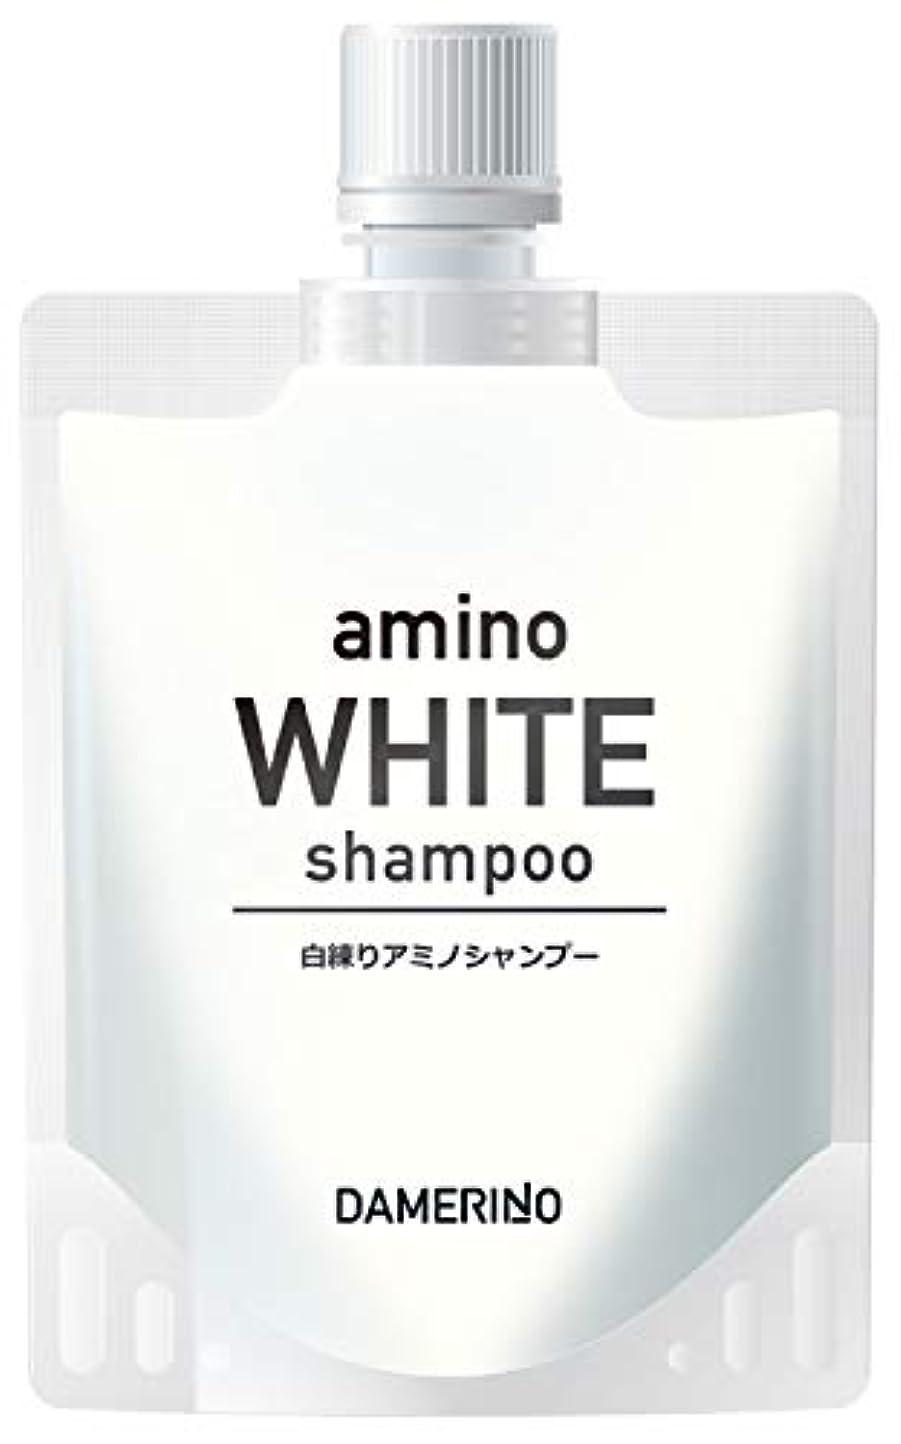 すべき針油ダメリーノ アミノ酸 スカルプシャンプー メンズ 頭皮ケア ダメージ ケア オールインワン アミノホワイトシャンプー 150g